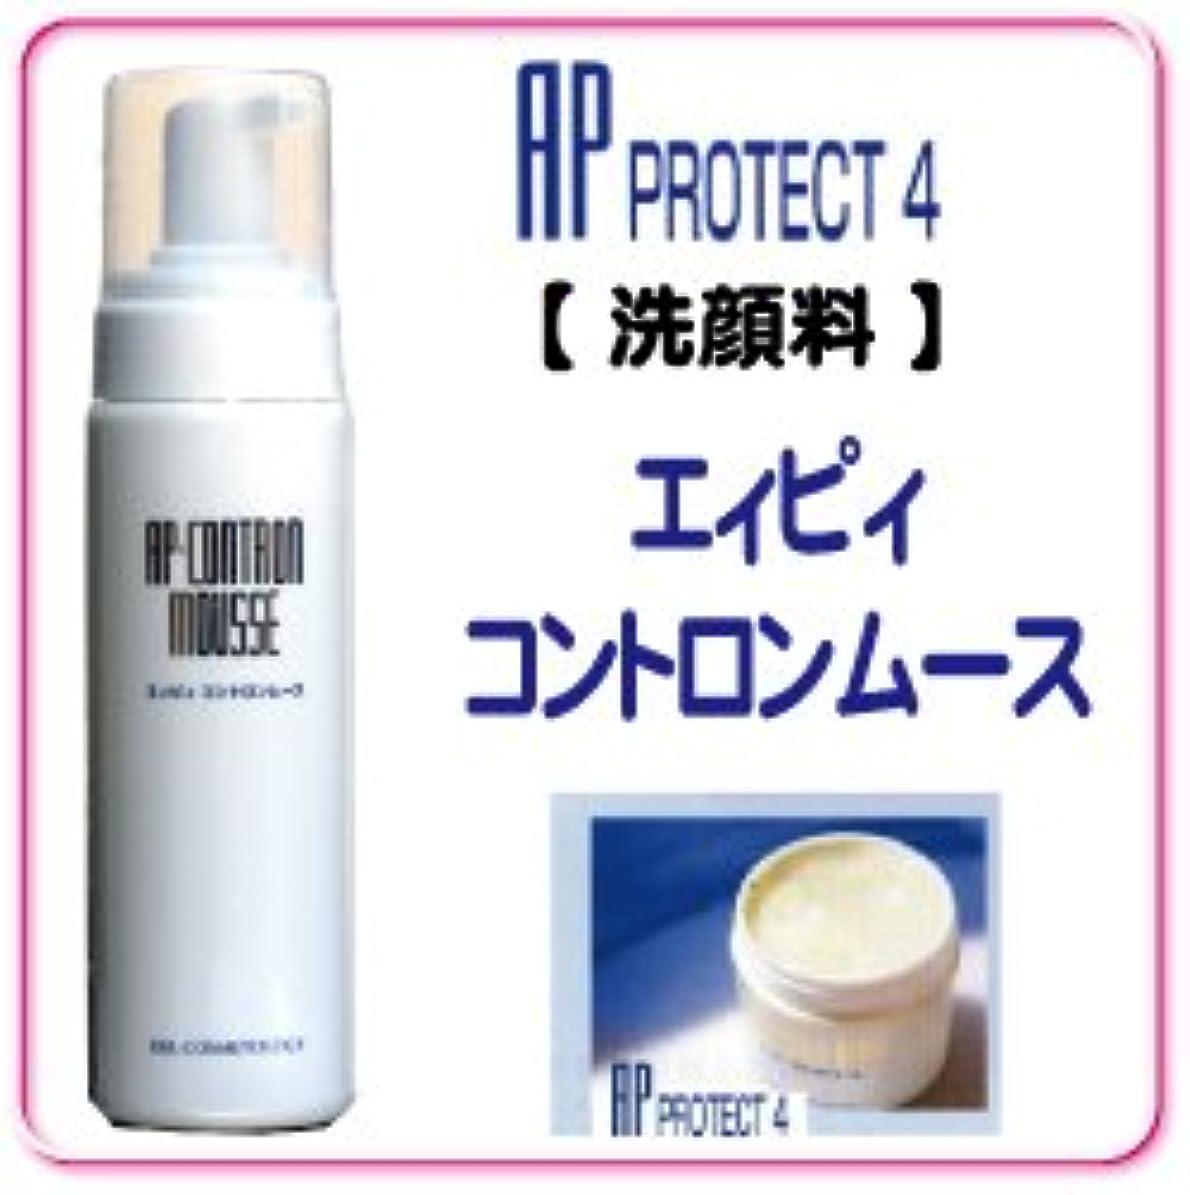 知らせる努力優しいベルマン化粧品 APprotectシリーズ  コントロンムース  洗顔フォーム 200ml